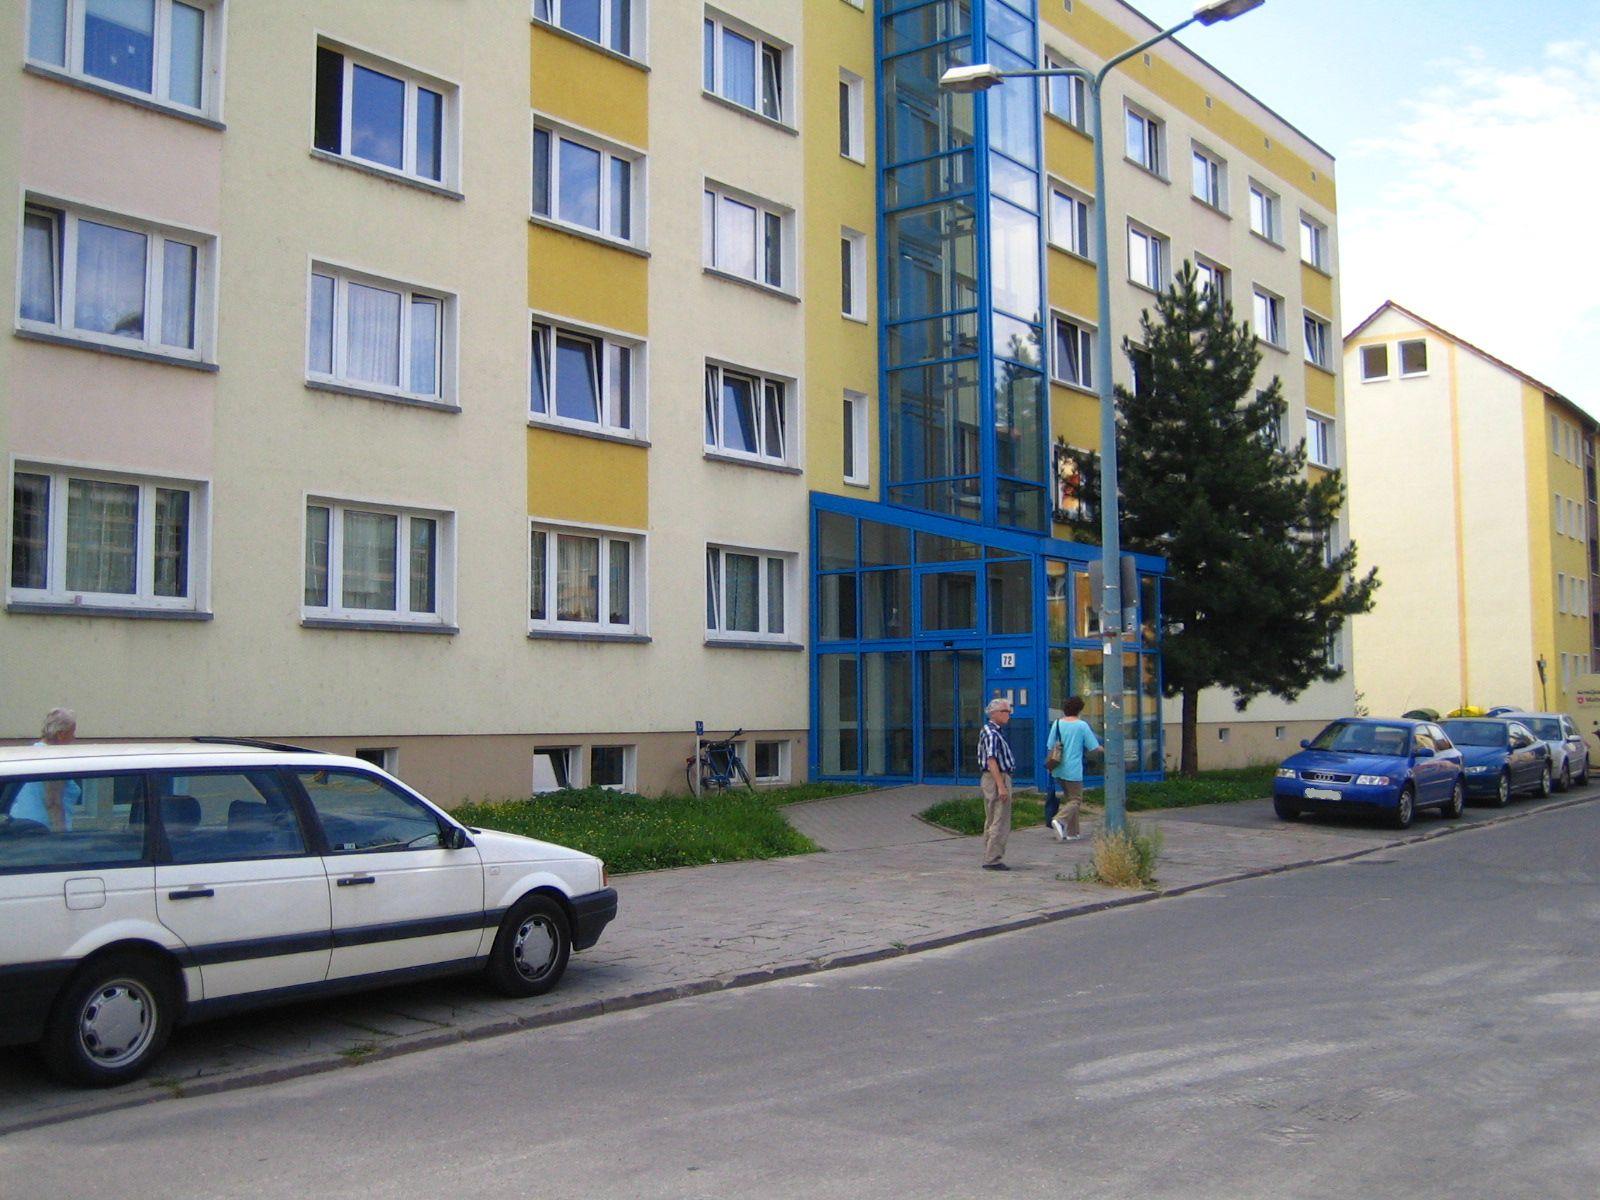 Blick in die Leipziger Straße. Auf dem Gehweg parken Autos, im Hintergrund Hausnummer 72.